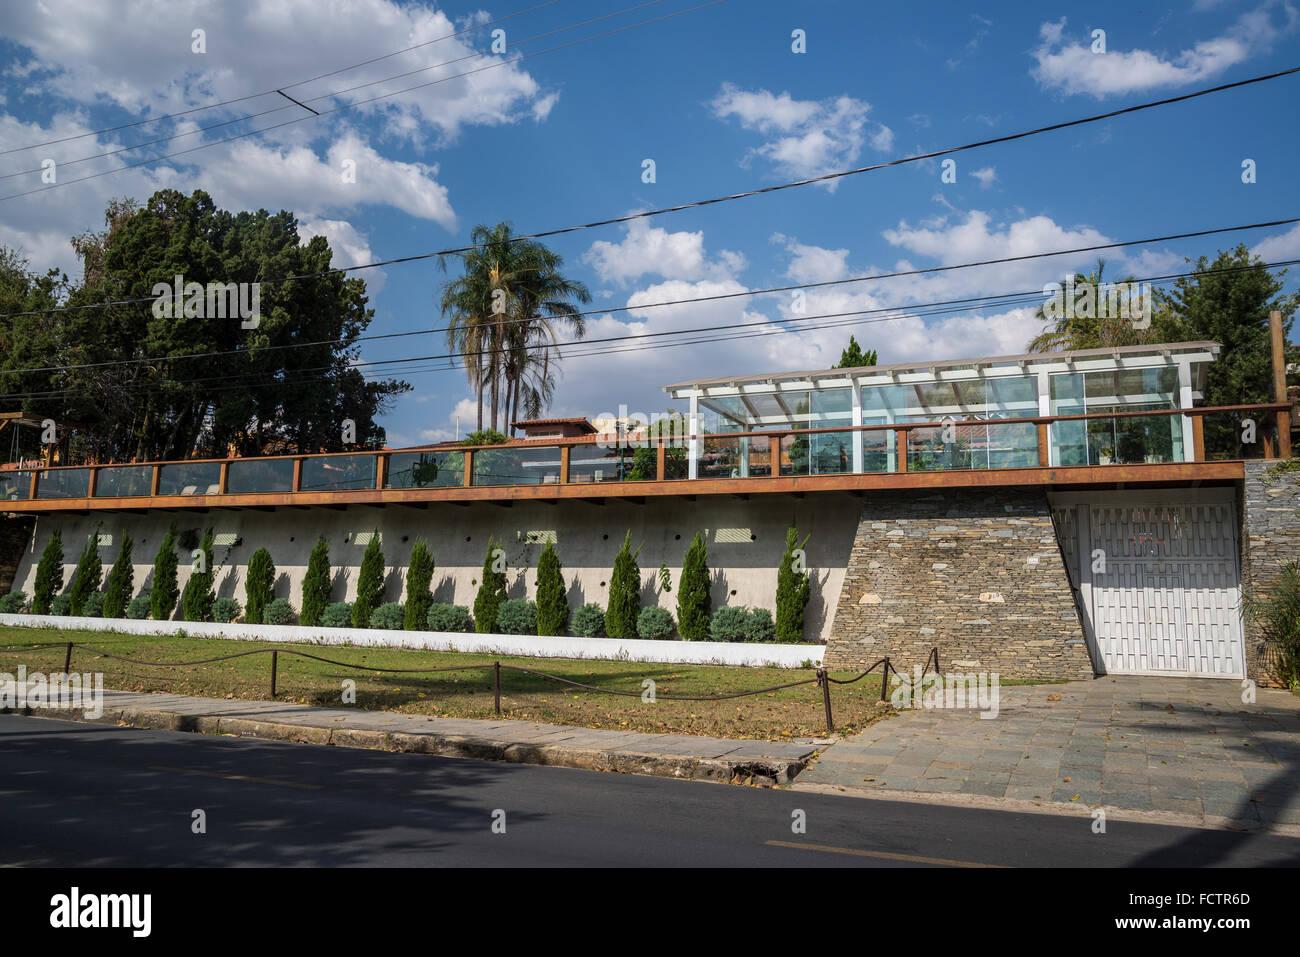 Wohlhabende Wohneigentum, Pampulha, Belo Horizonte, Minas Gerais, Brasilien Stockbild